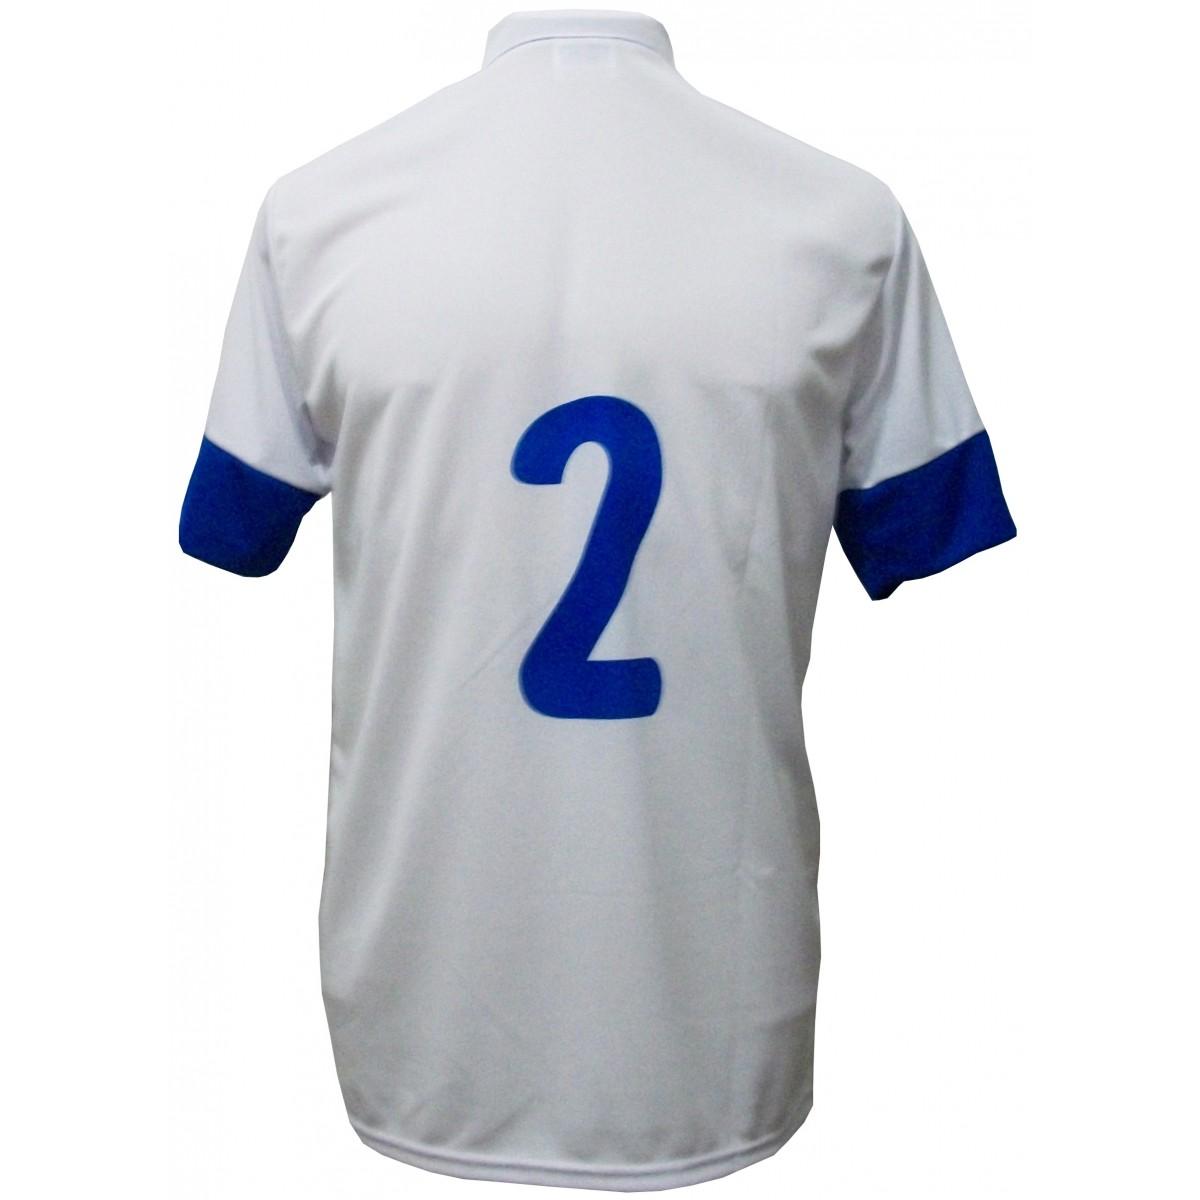 Uniforme Esportivo com 14 camisas modelo Sporting Branco/Royal + 14 calções modelo Madrid Royal + Brindes